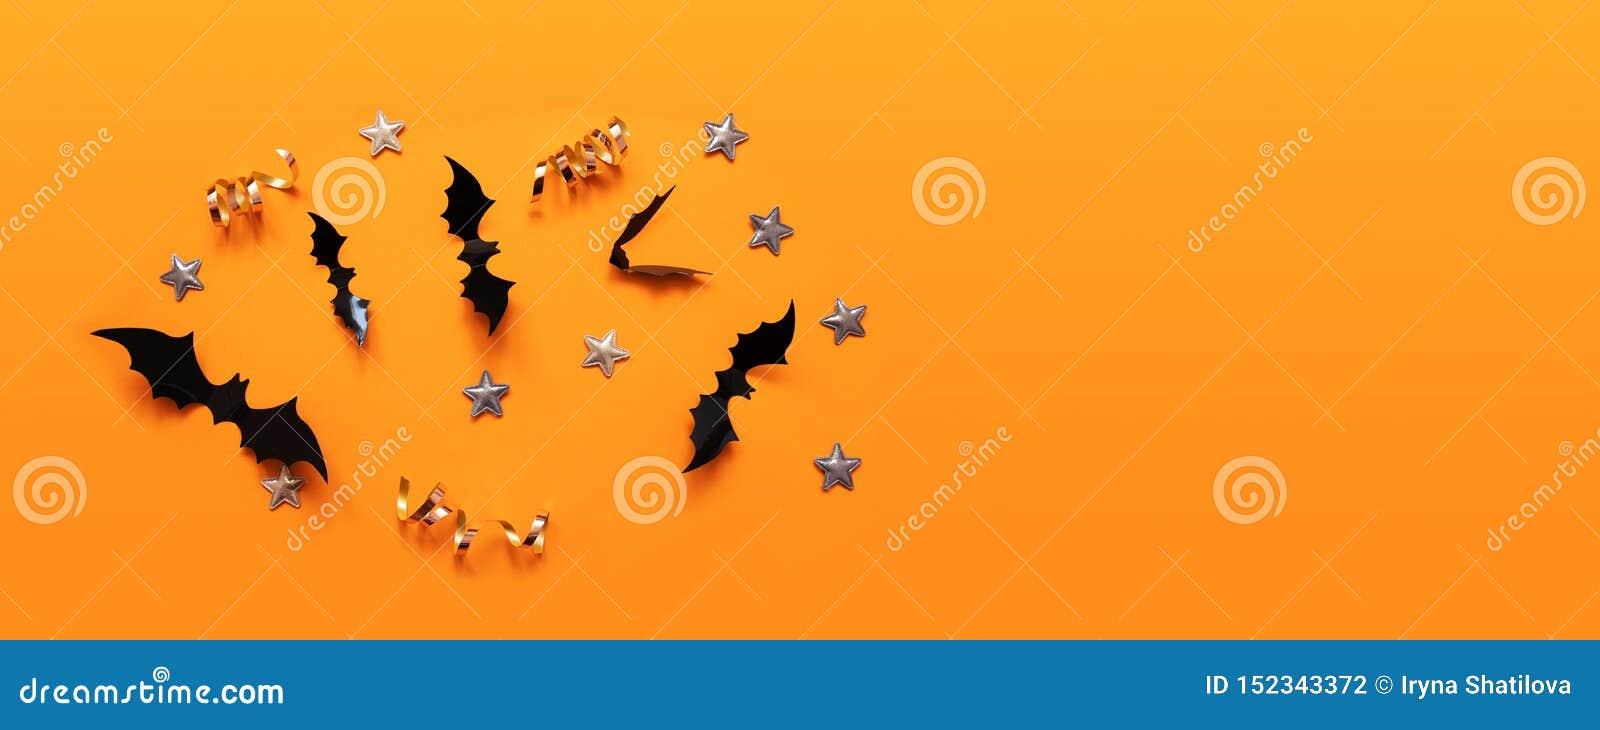 Έμβλημα αποκριών με το Μαύρο αλλά σε ένα πορτοκαλί υπόβαθρο, τοπ άποψη